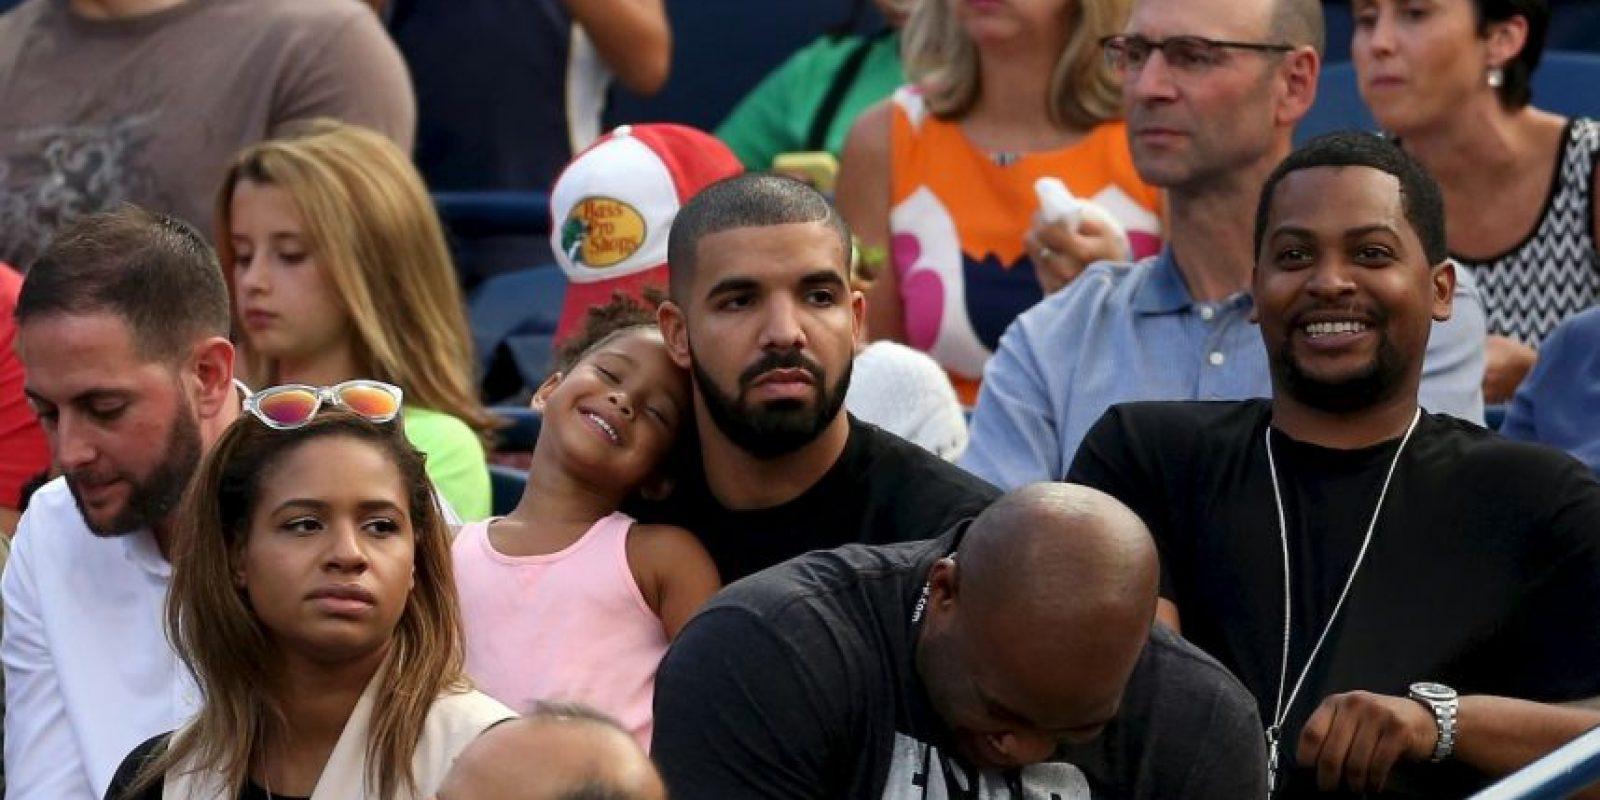 Fueron captados mientras cenaban juntos, después de que Serena ganara el torneo Foto:Getty Images